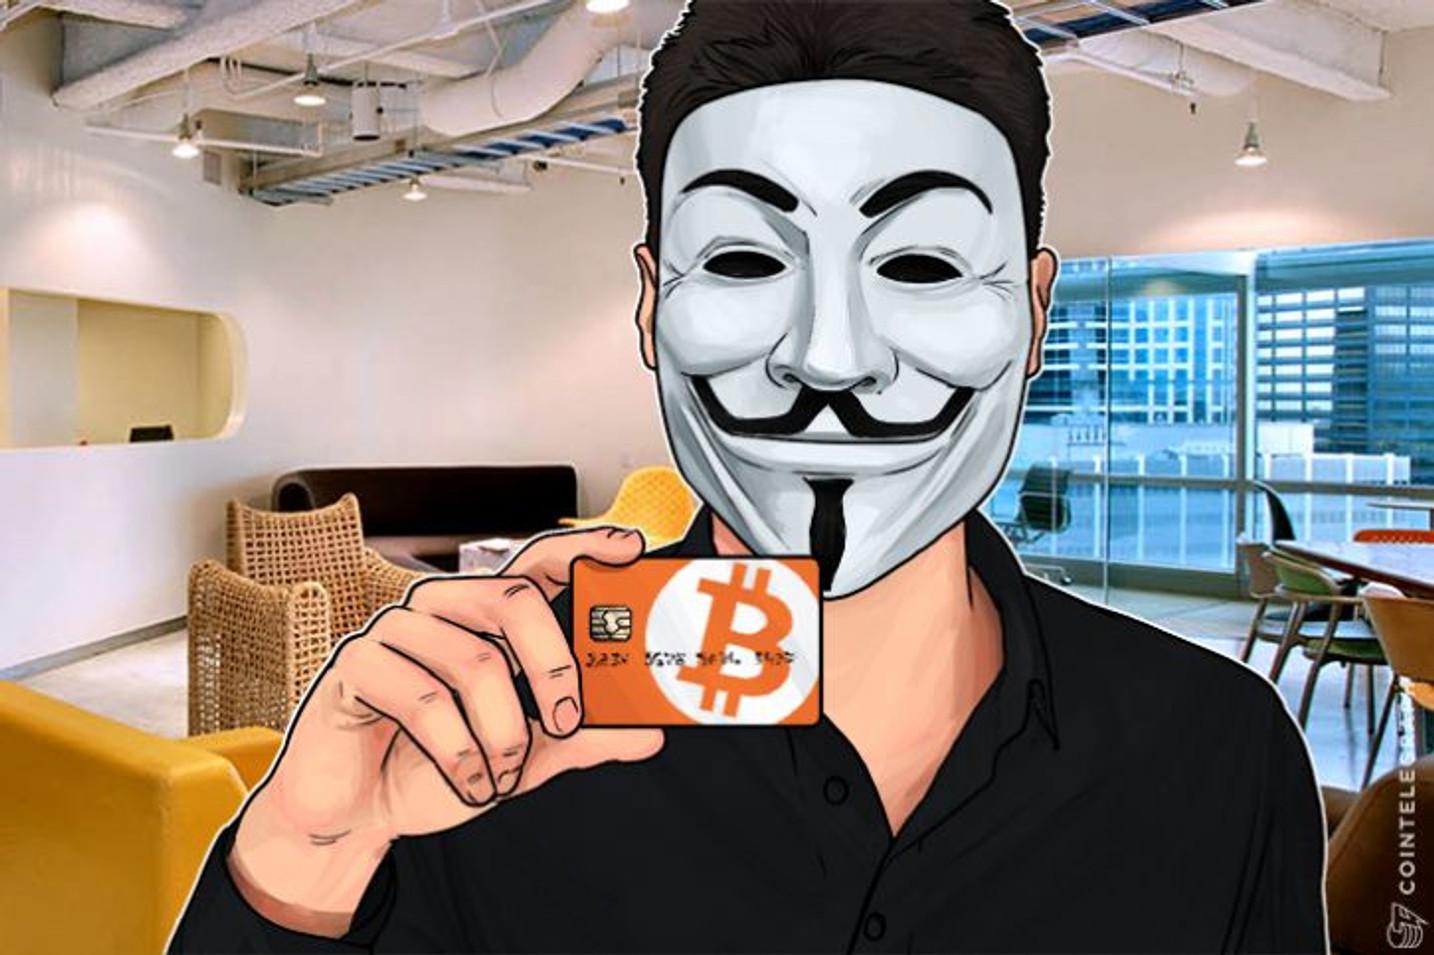 Usuarios de Bitcoin: ¿Quiénes son y qué hacen?